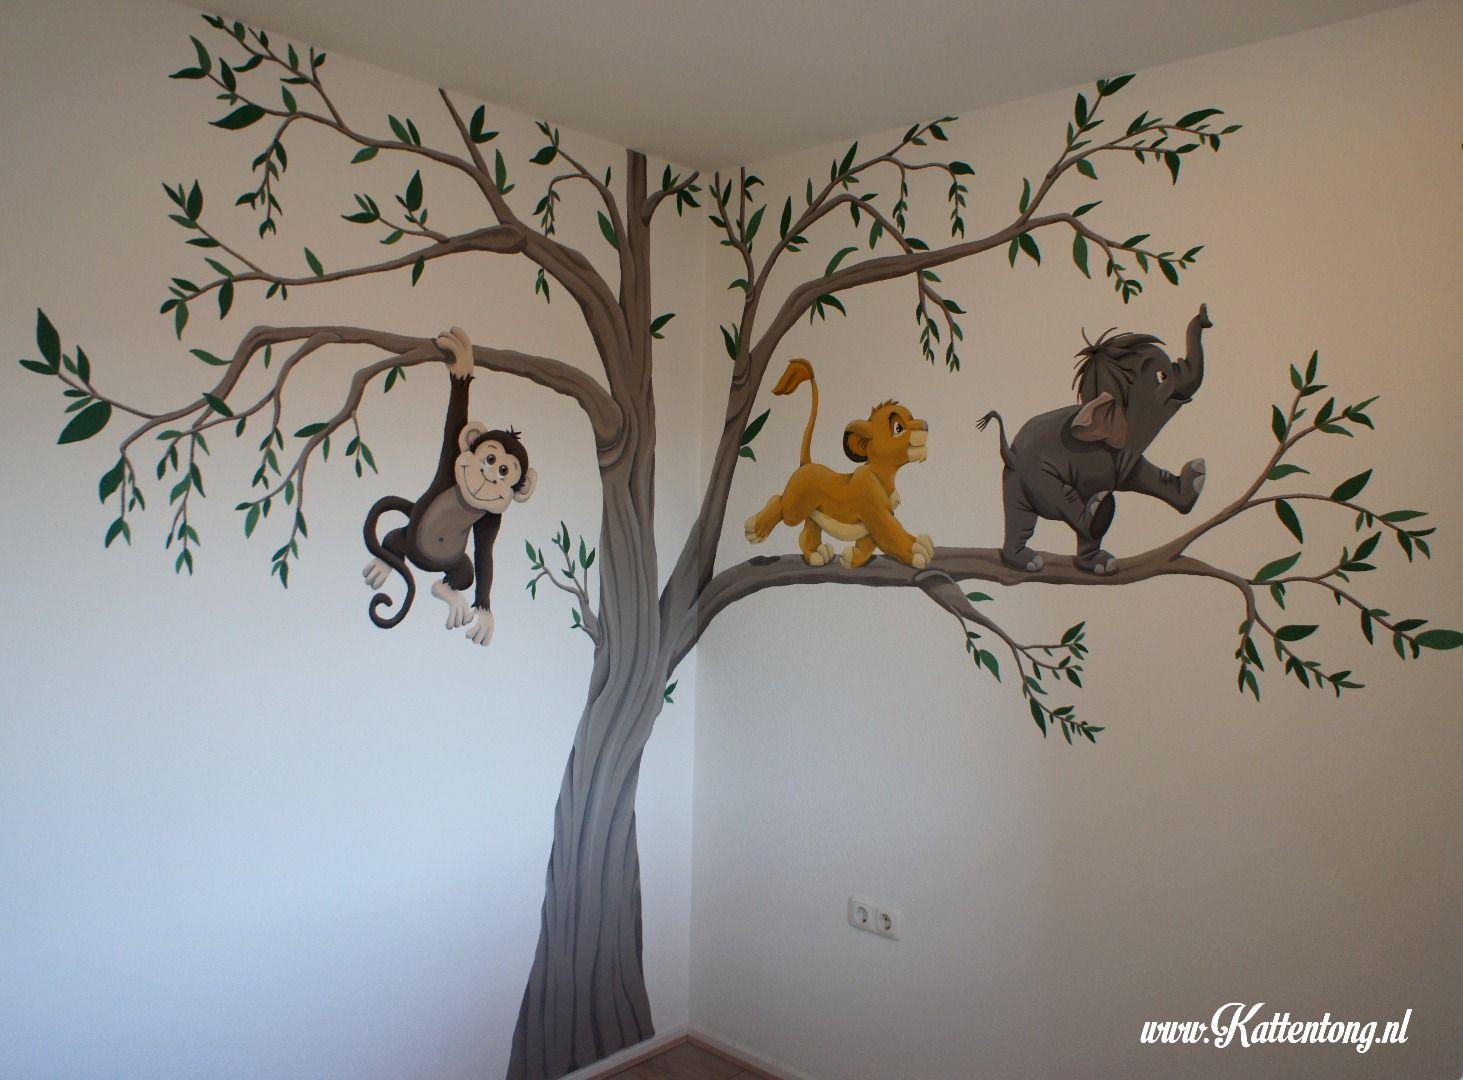 Slaapkamer Met Kunstmuur : Muurschildering babykamer kattentong.nl muurschilderingen